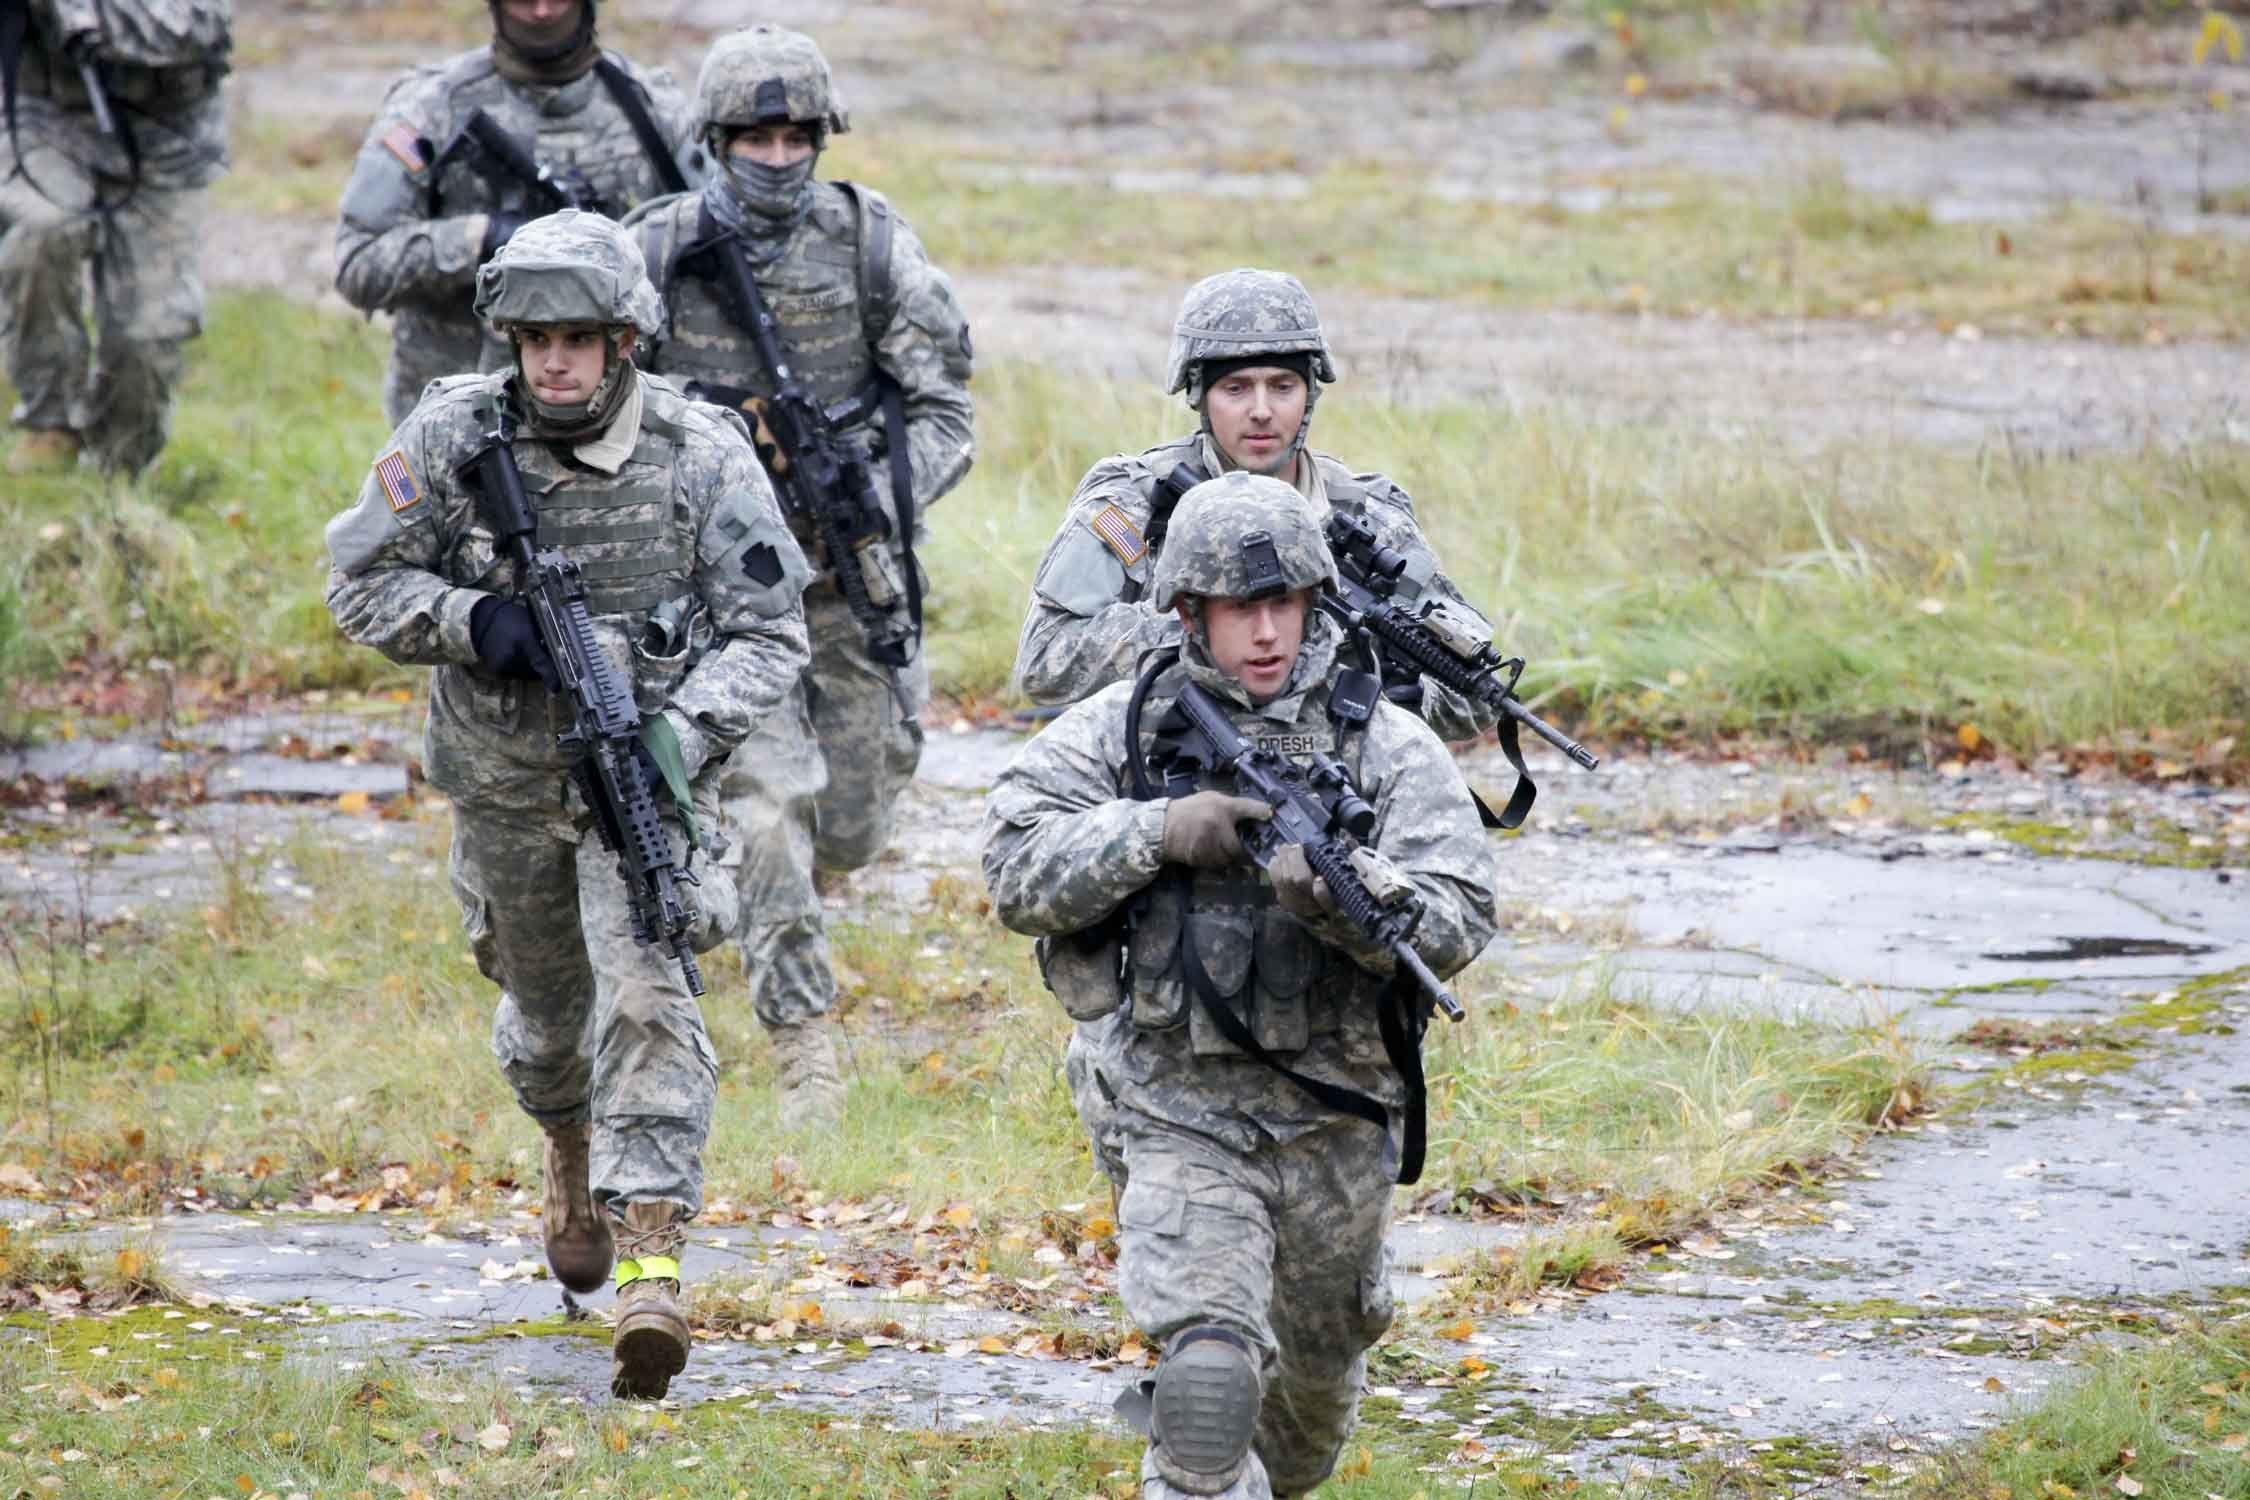 Американские солдаты на учениях, иллюстрация